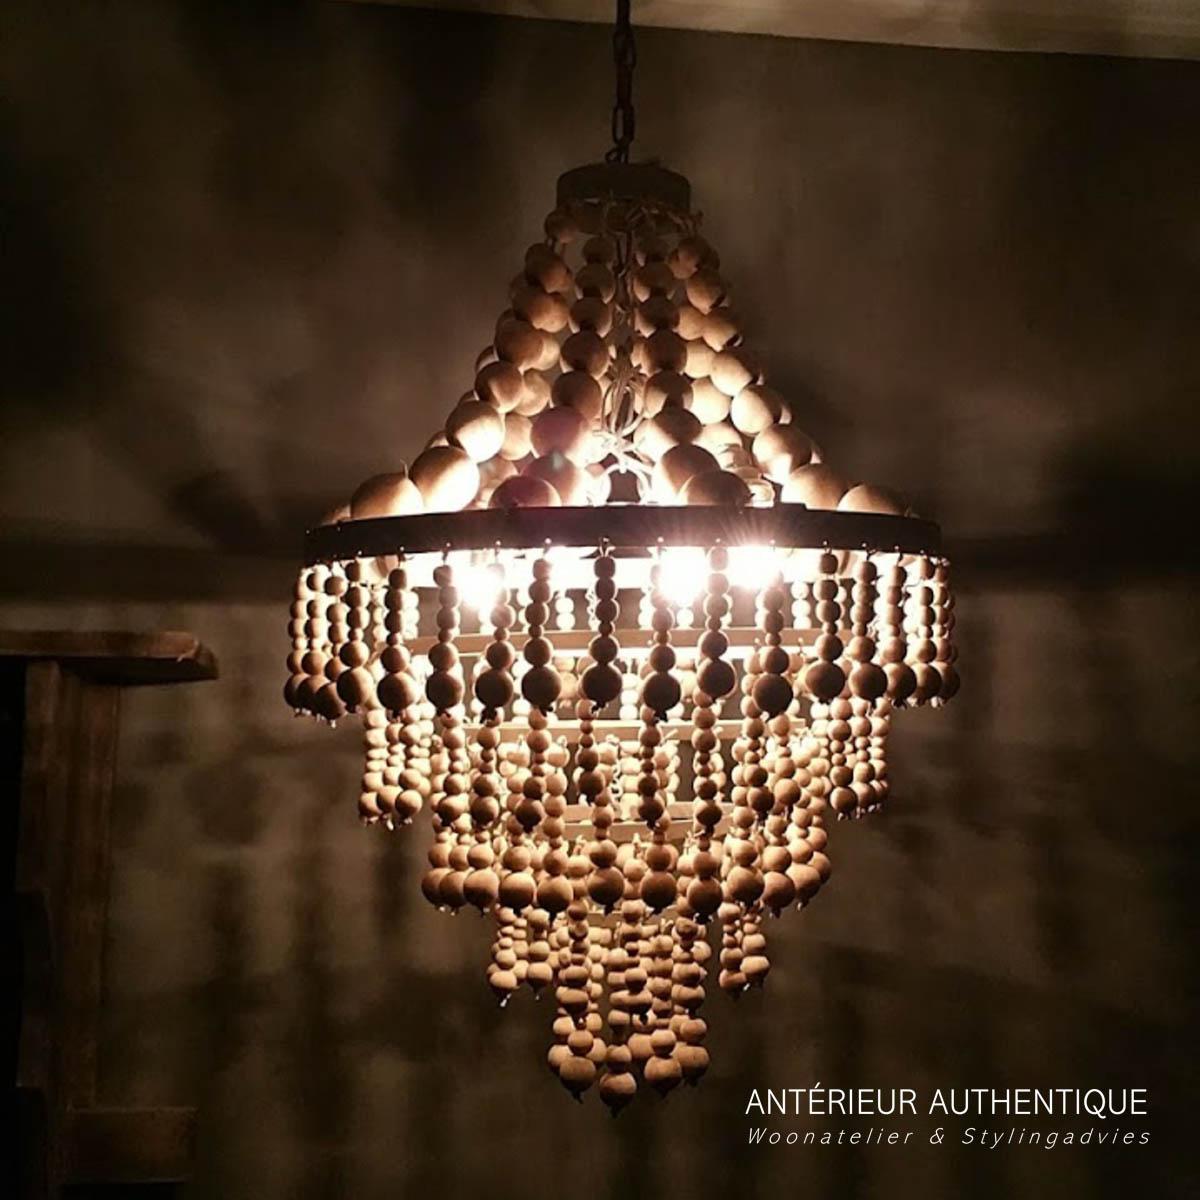 Afbeelding van brandende hanglamp kralen voor webshop van Antérieur Authentique